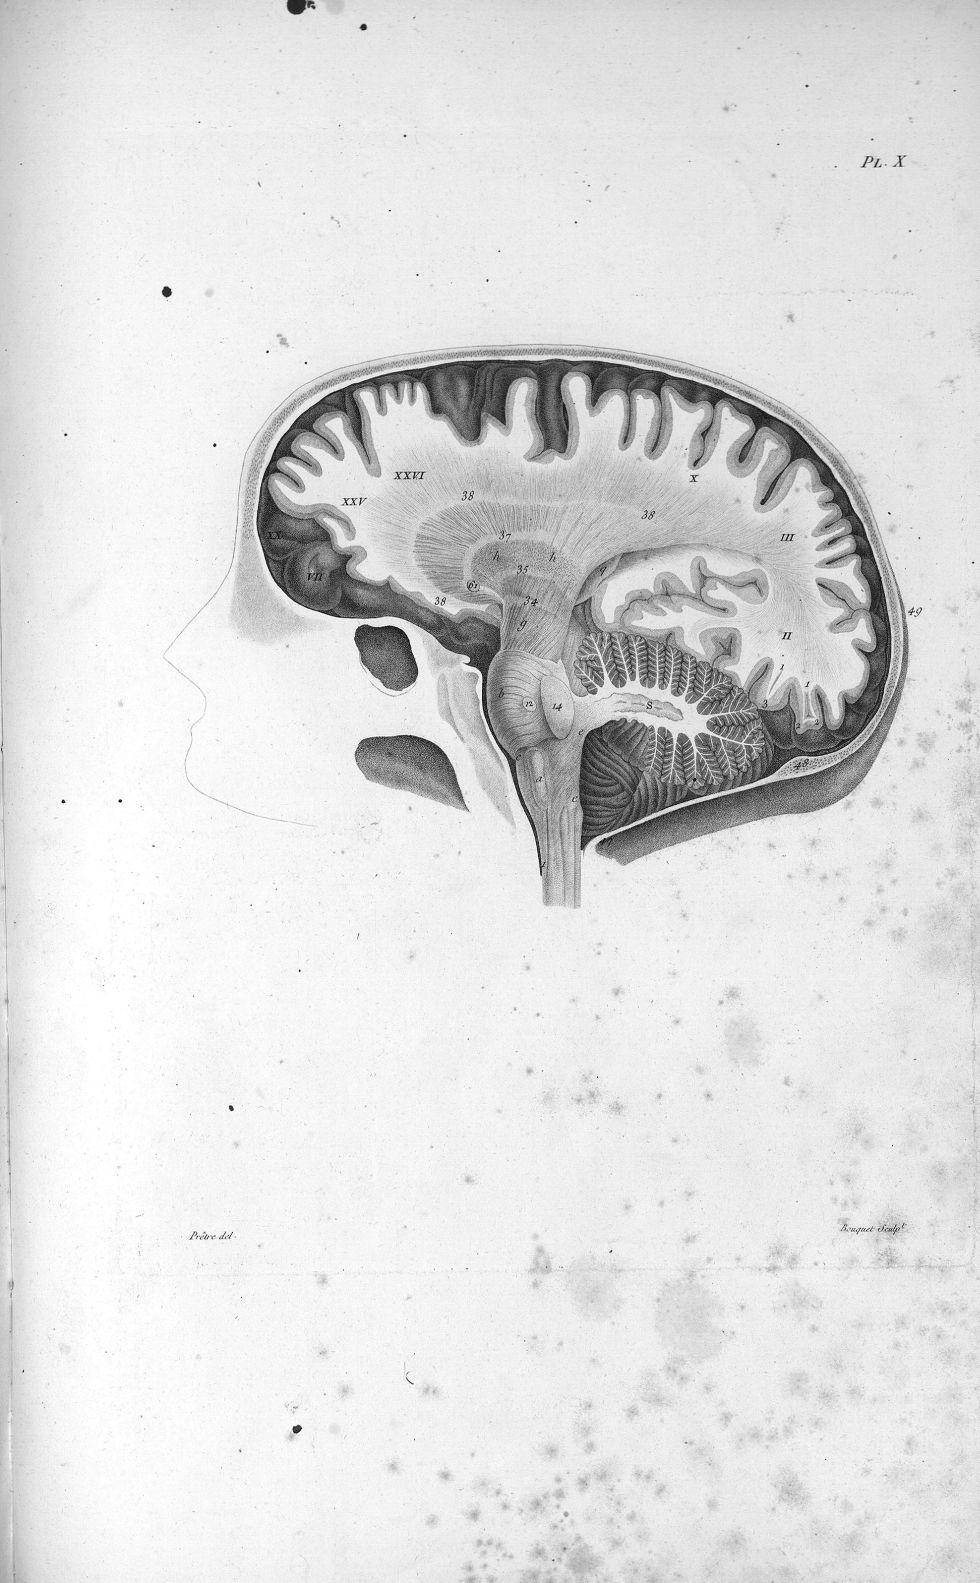 Pl. X. Crâne scié du côté gauche (cerveau de femme) - Anatomie. Neurologie. Cerveaux, crânes (têtes). 19e siècle (France) - med00575x01x0323